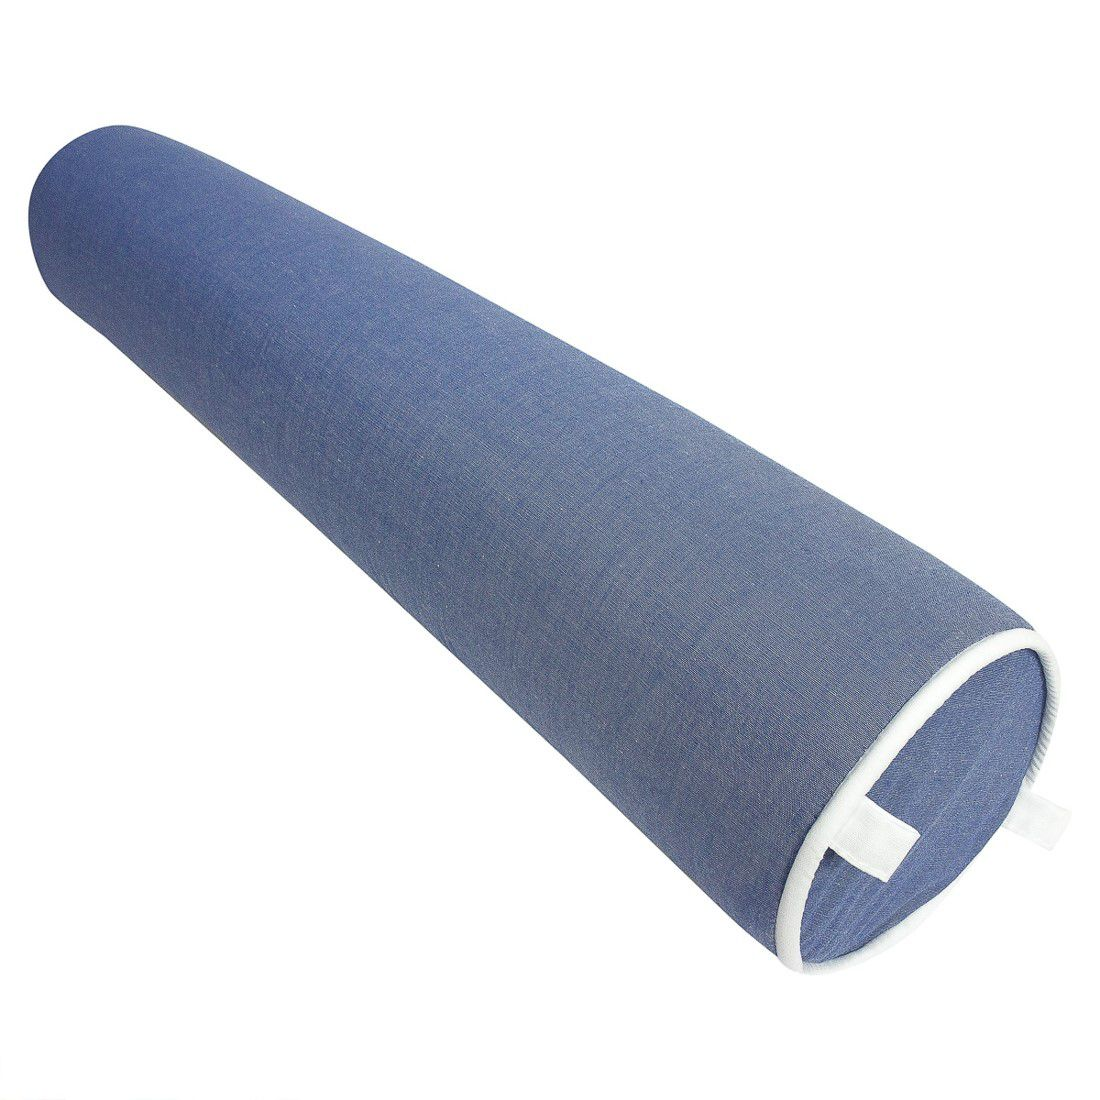 Rolo para cama 90 cm azul jeans